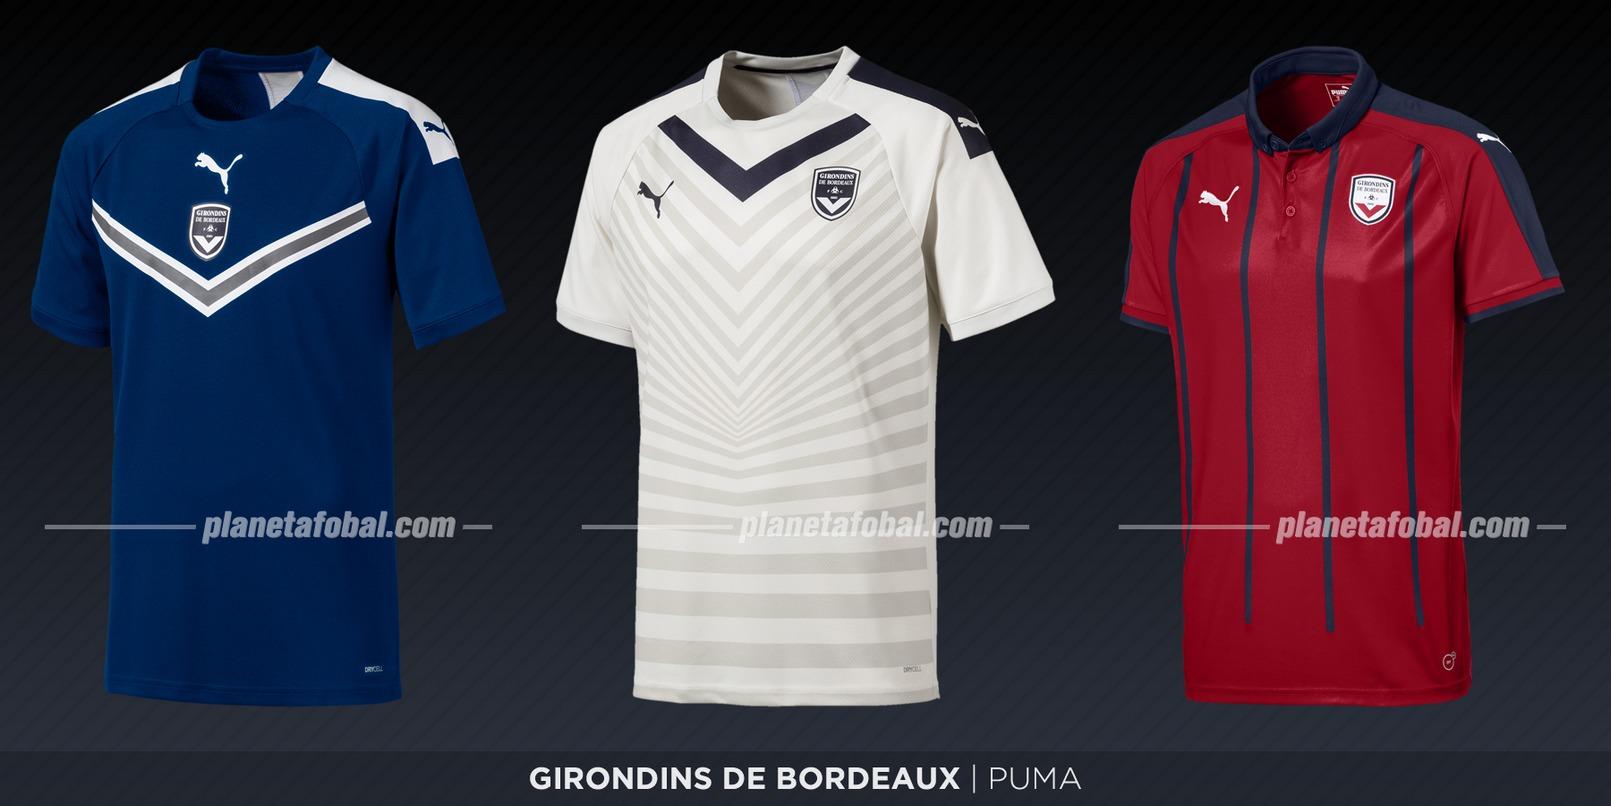 Girondins de Bordeaux (Puma) | Camisetas de la Ligue 1 2019-2020